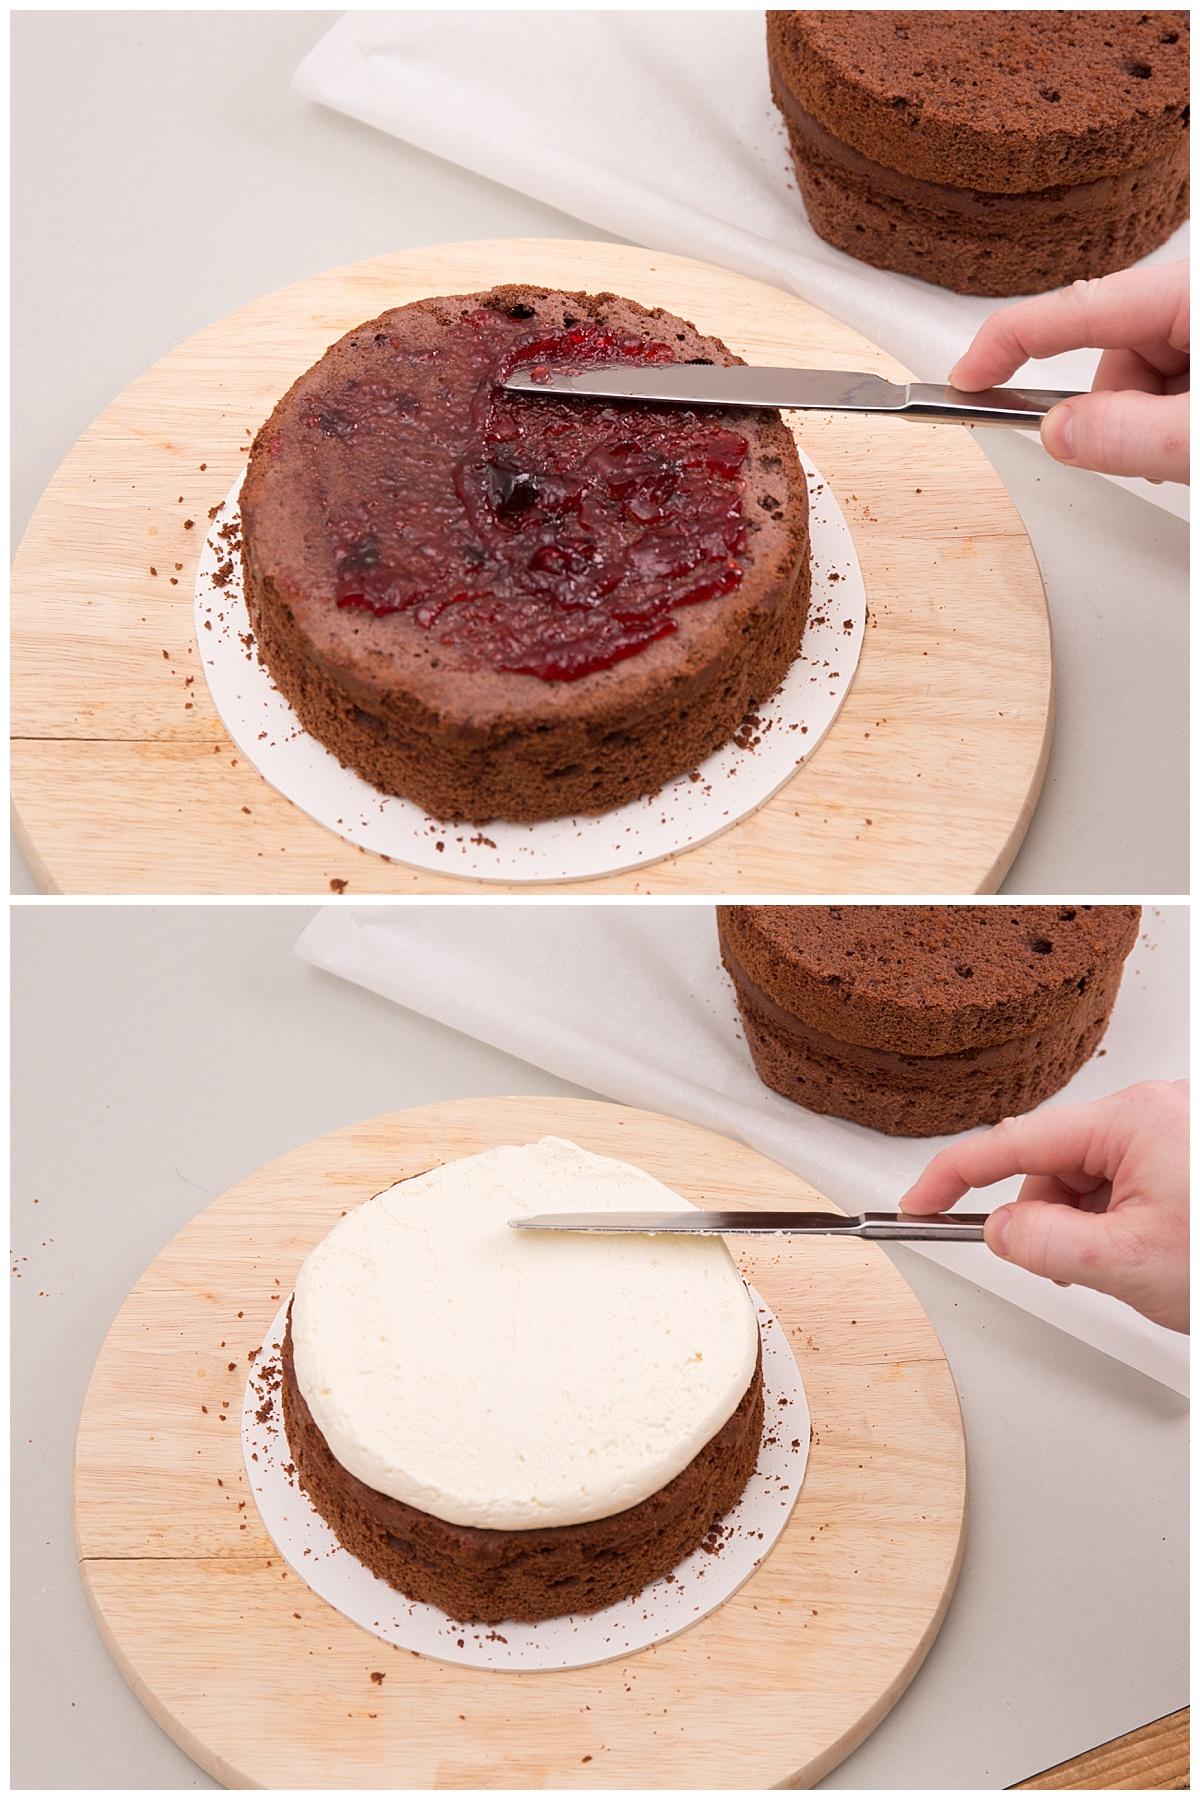 hochzeitstorte selber backen naked cake mit eukalyptus und blumen. Black Bedroom Furniture Sets. Home Design Ideas